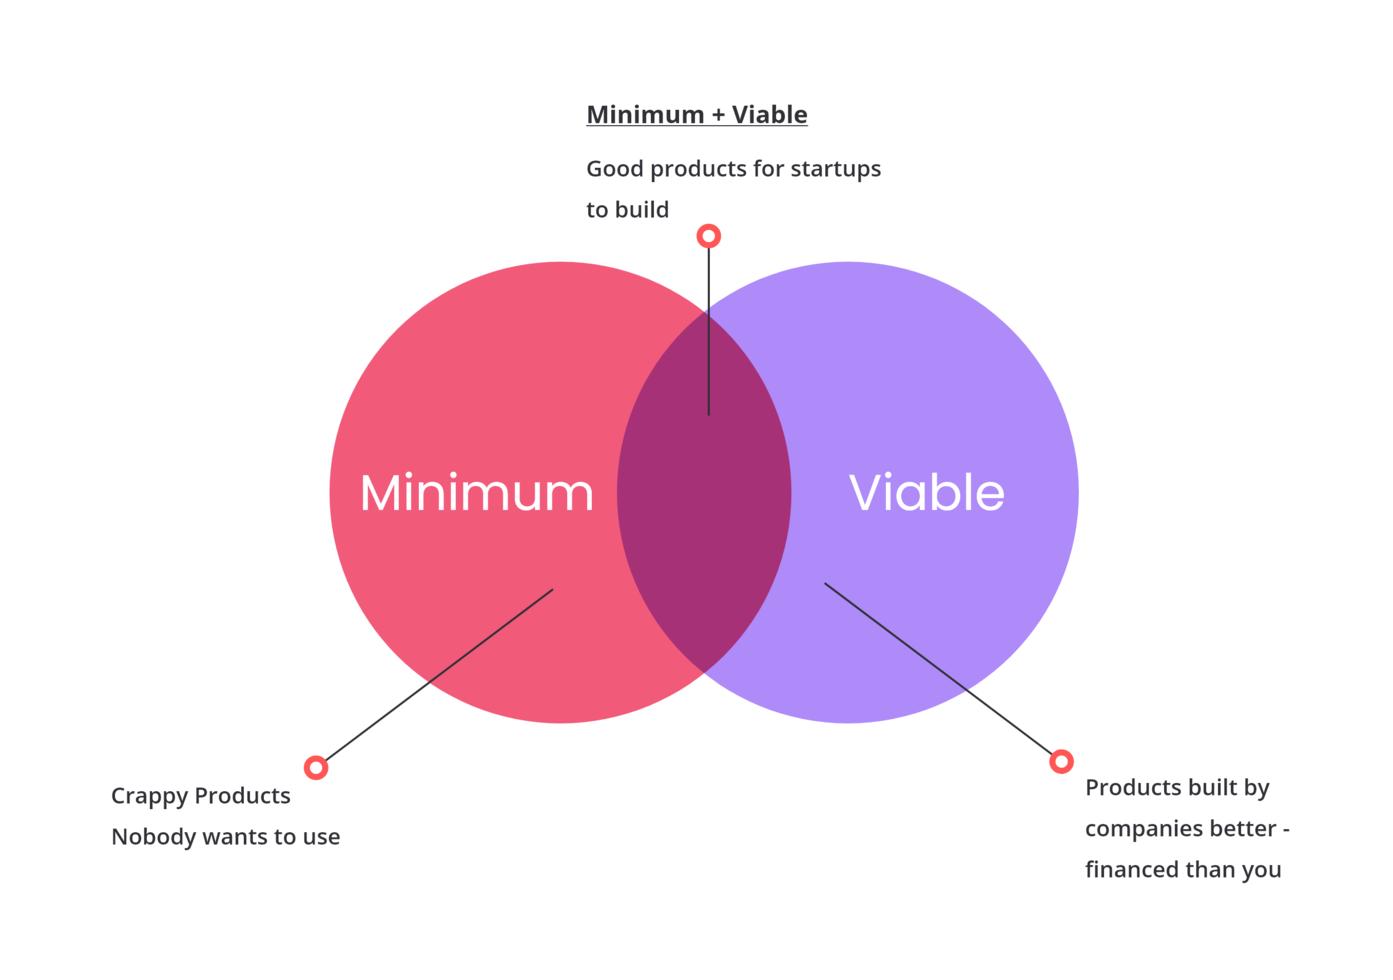 Minimum + Viable Product